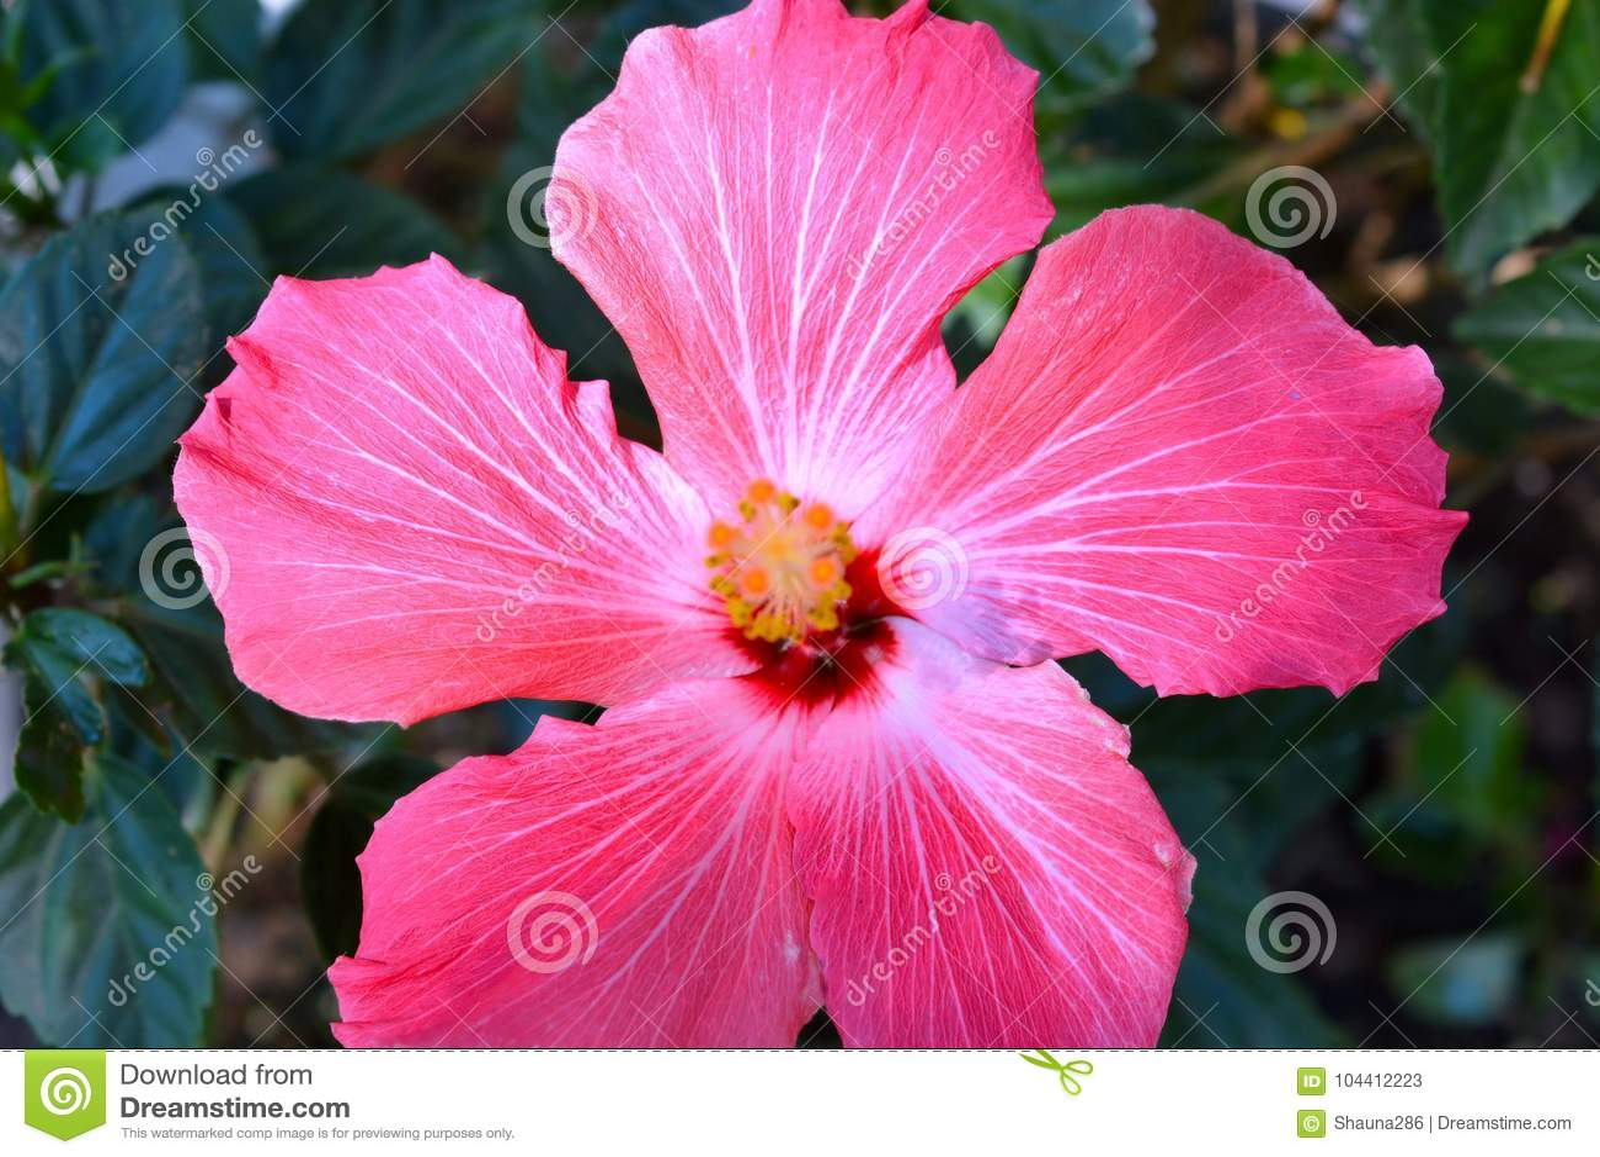 Summer rose alive